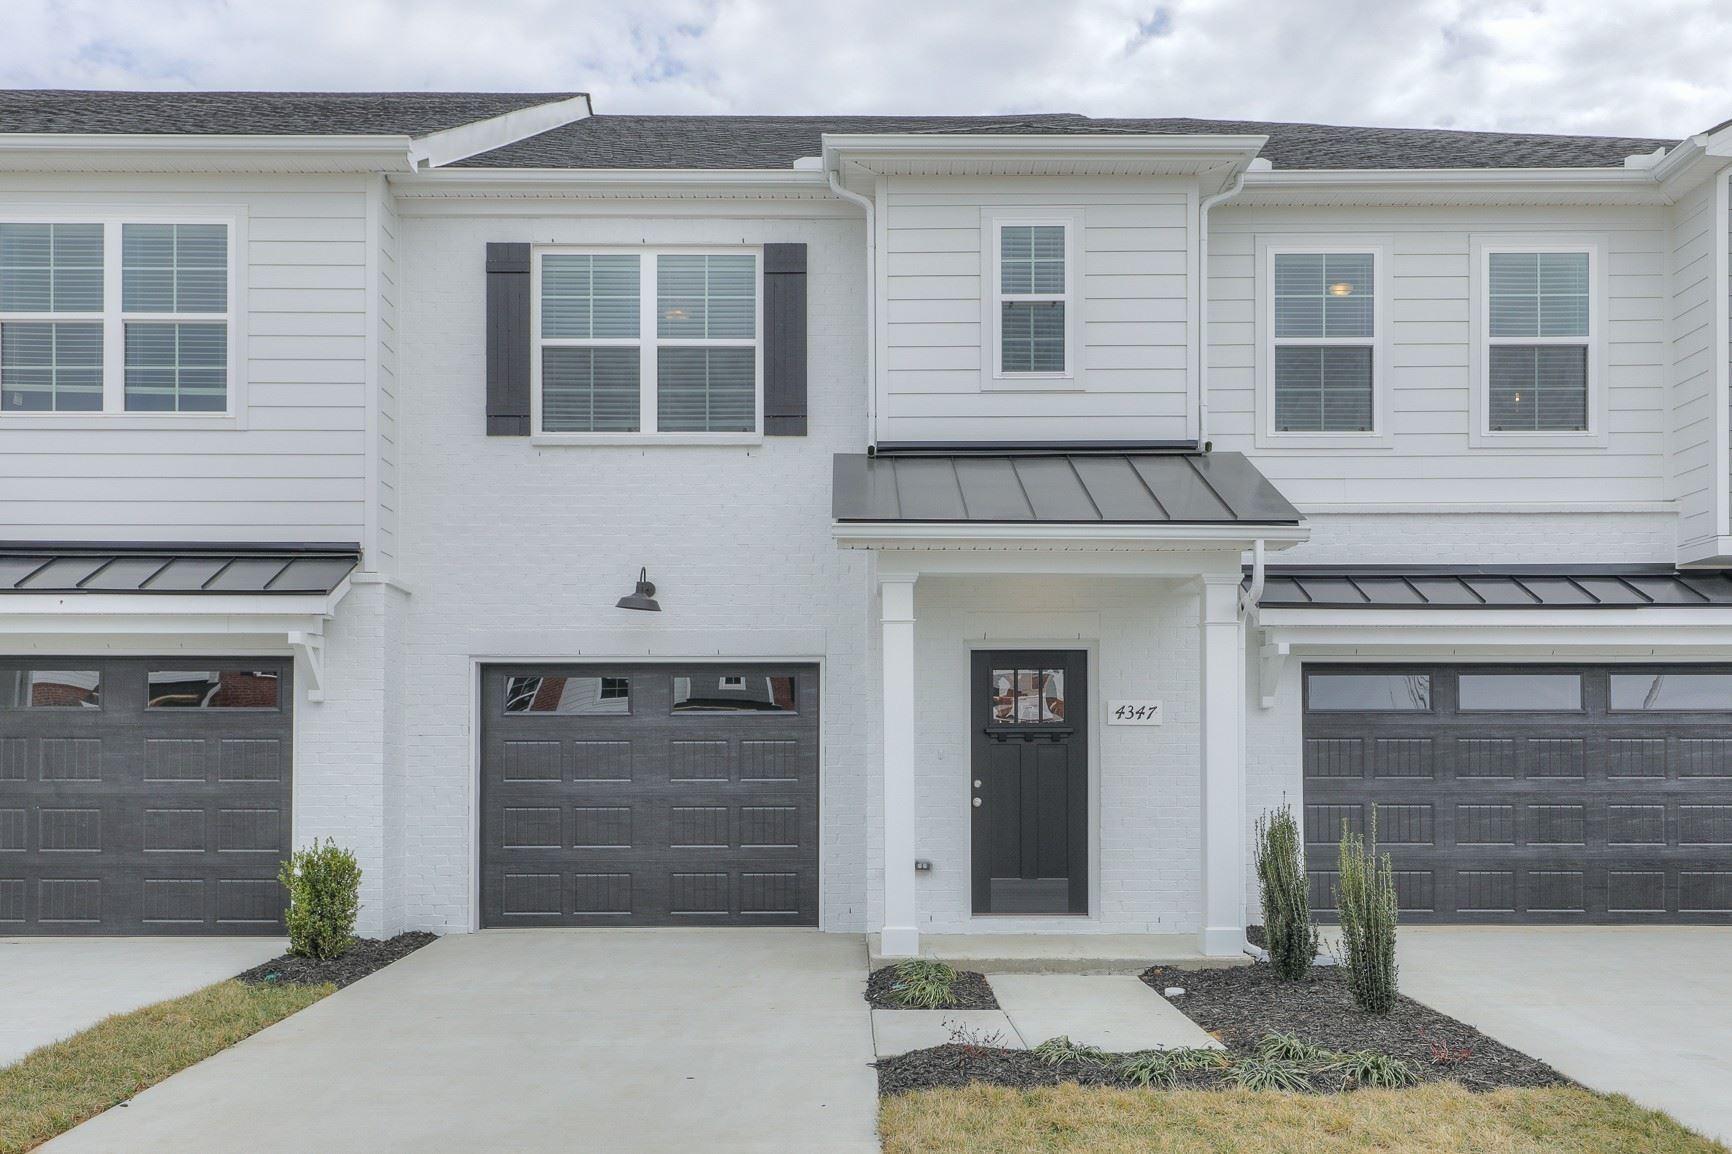 Photo of 4221 Sarazen Lane, Murfreesboro, TN 37127 (MLS # 2252083)